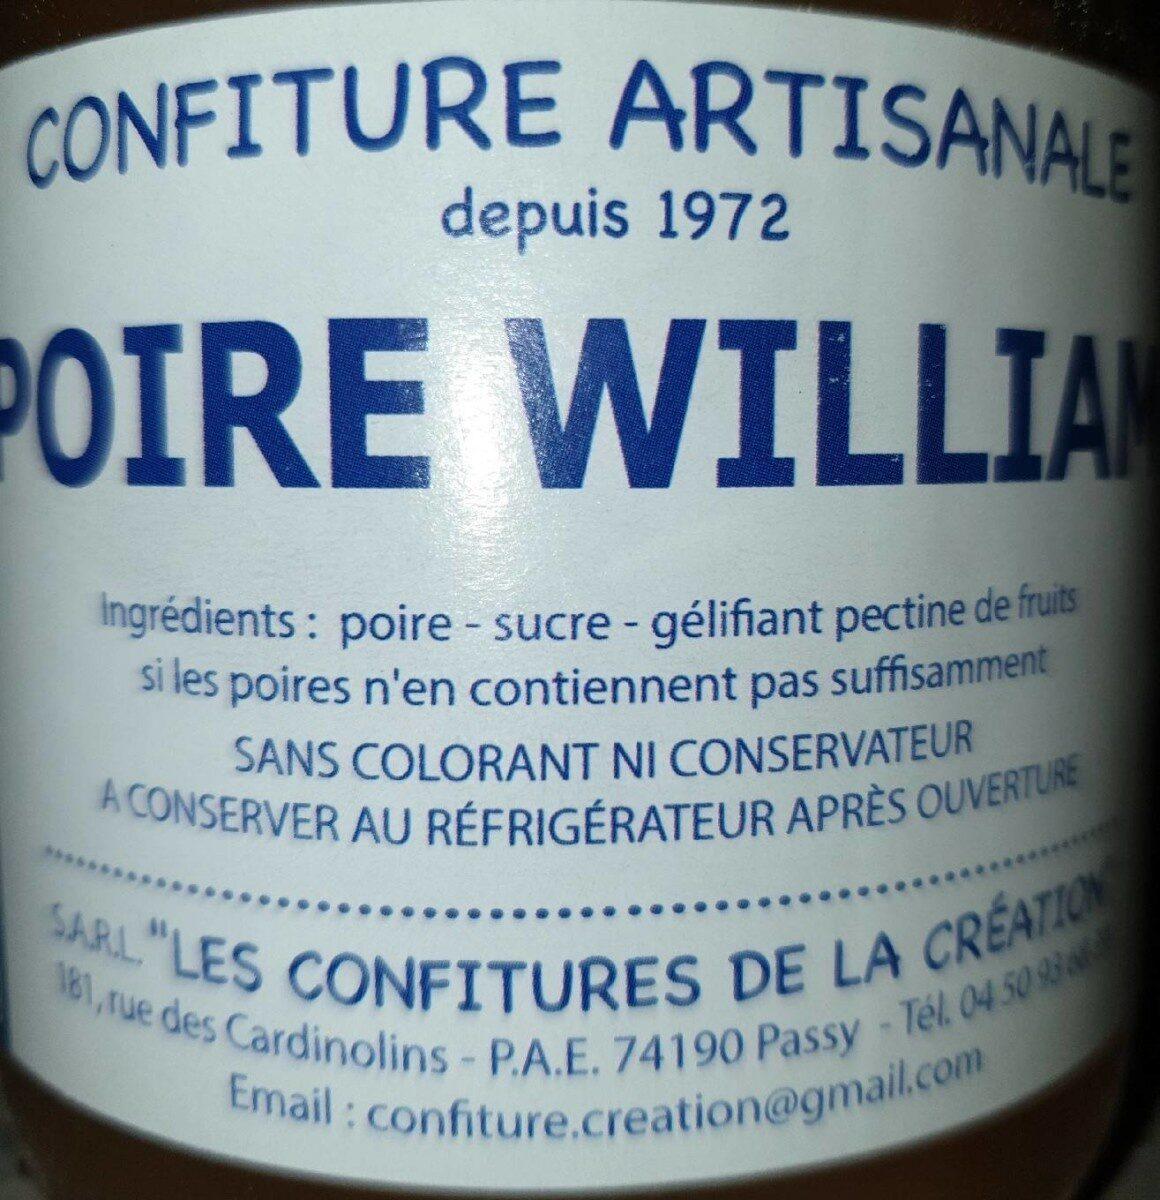 Confiture artisanale poire william - Produit - fr